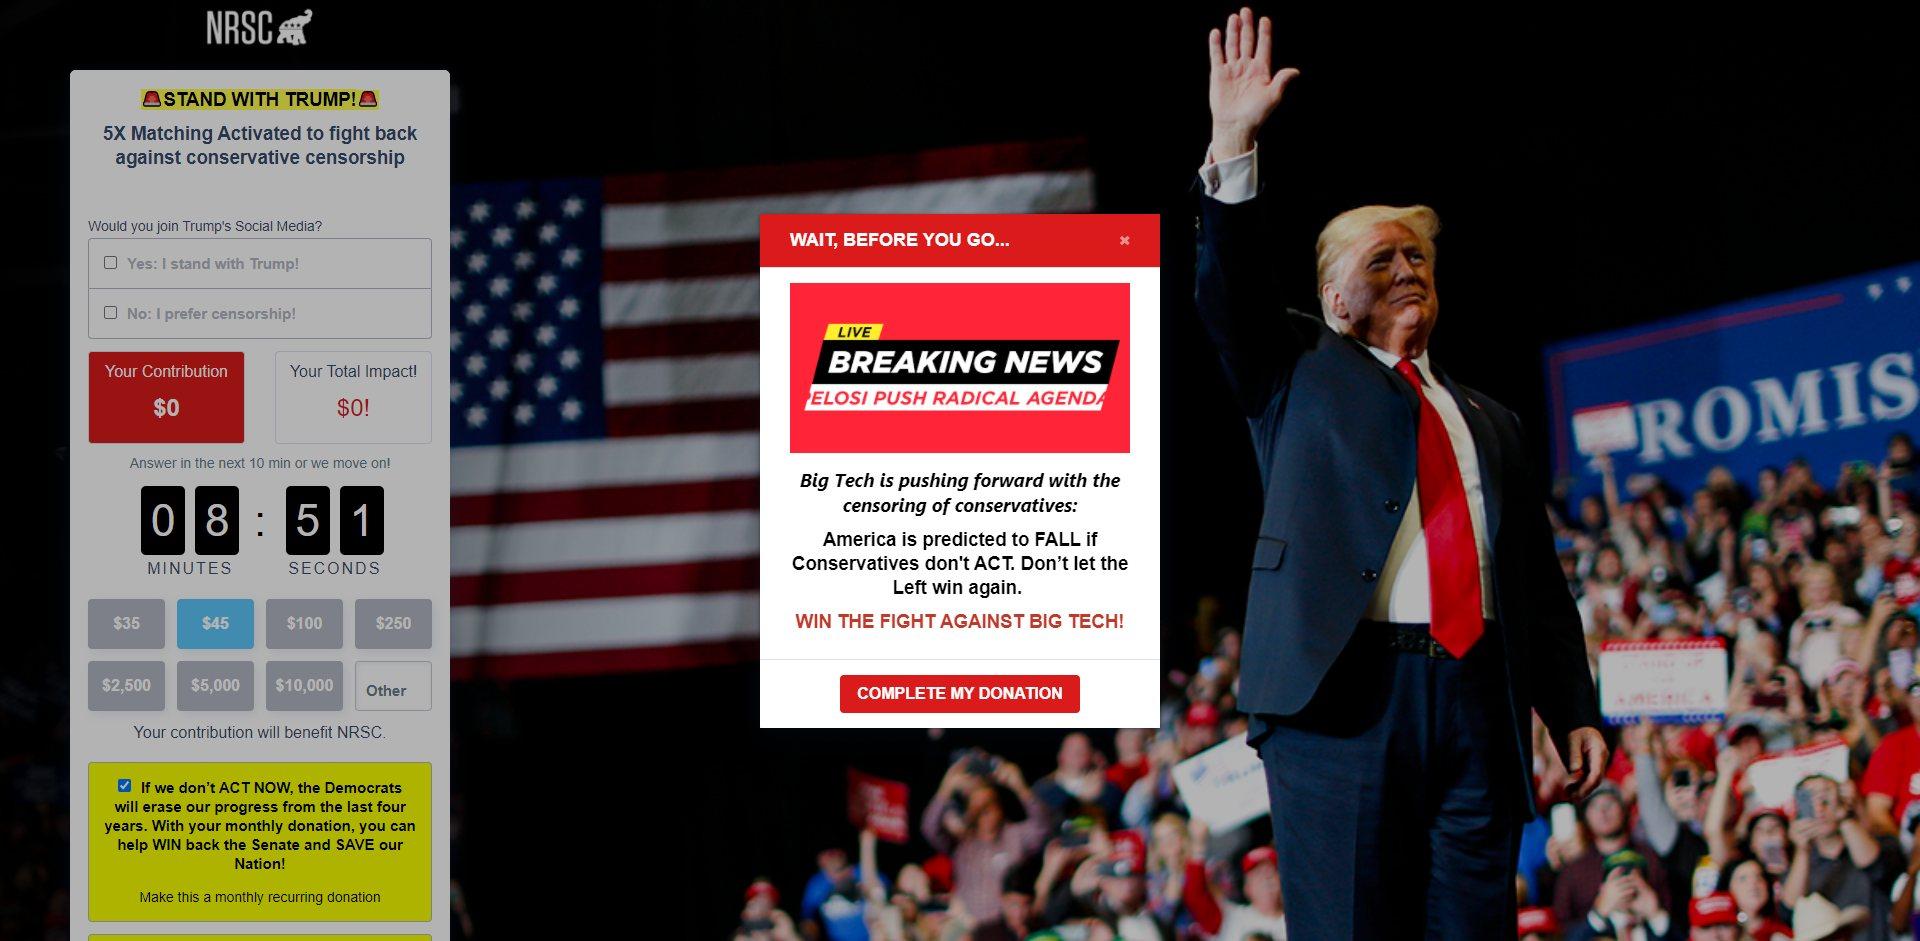 NRSC Lies About Trump